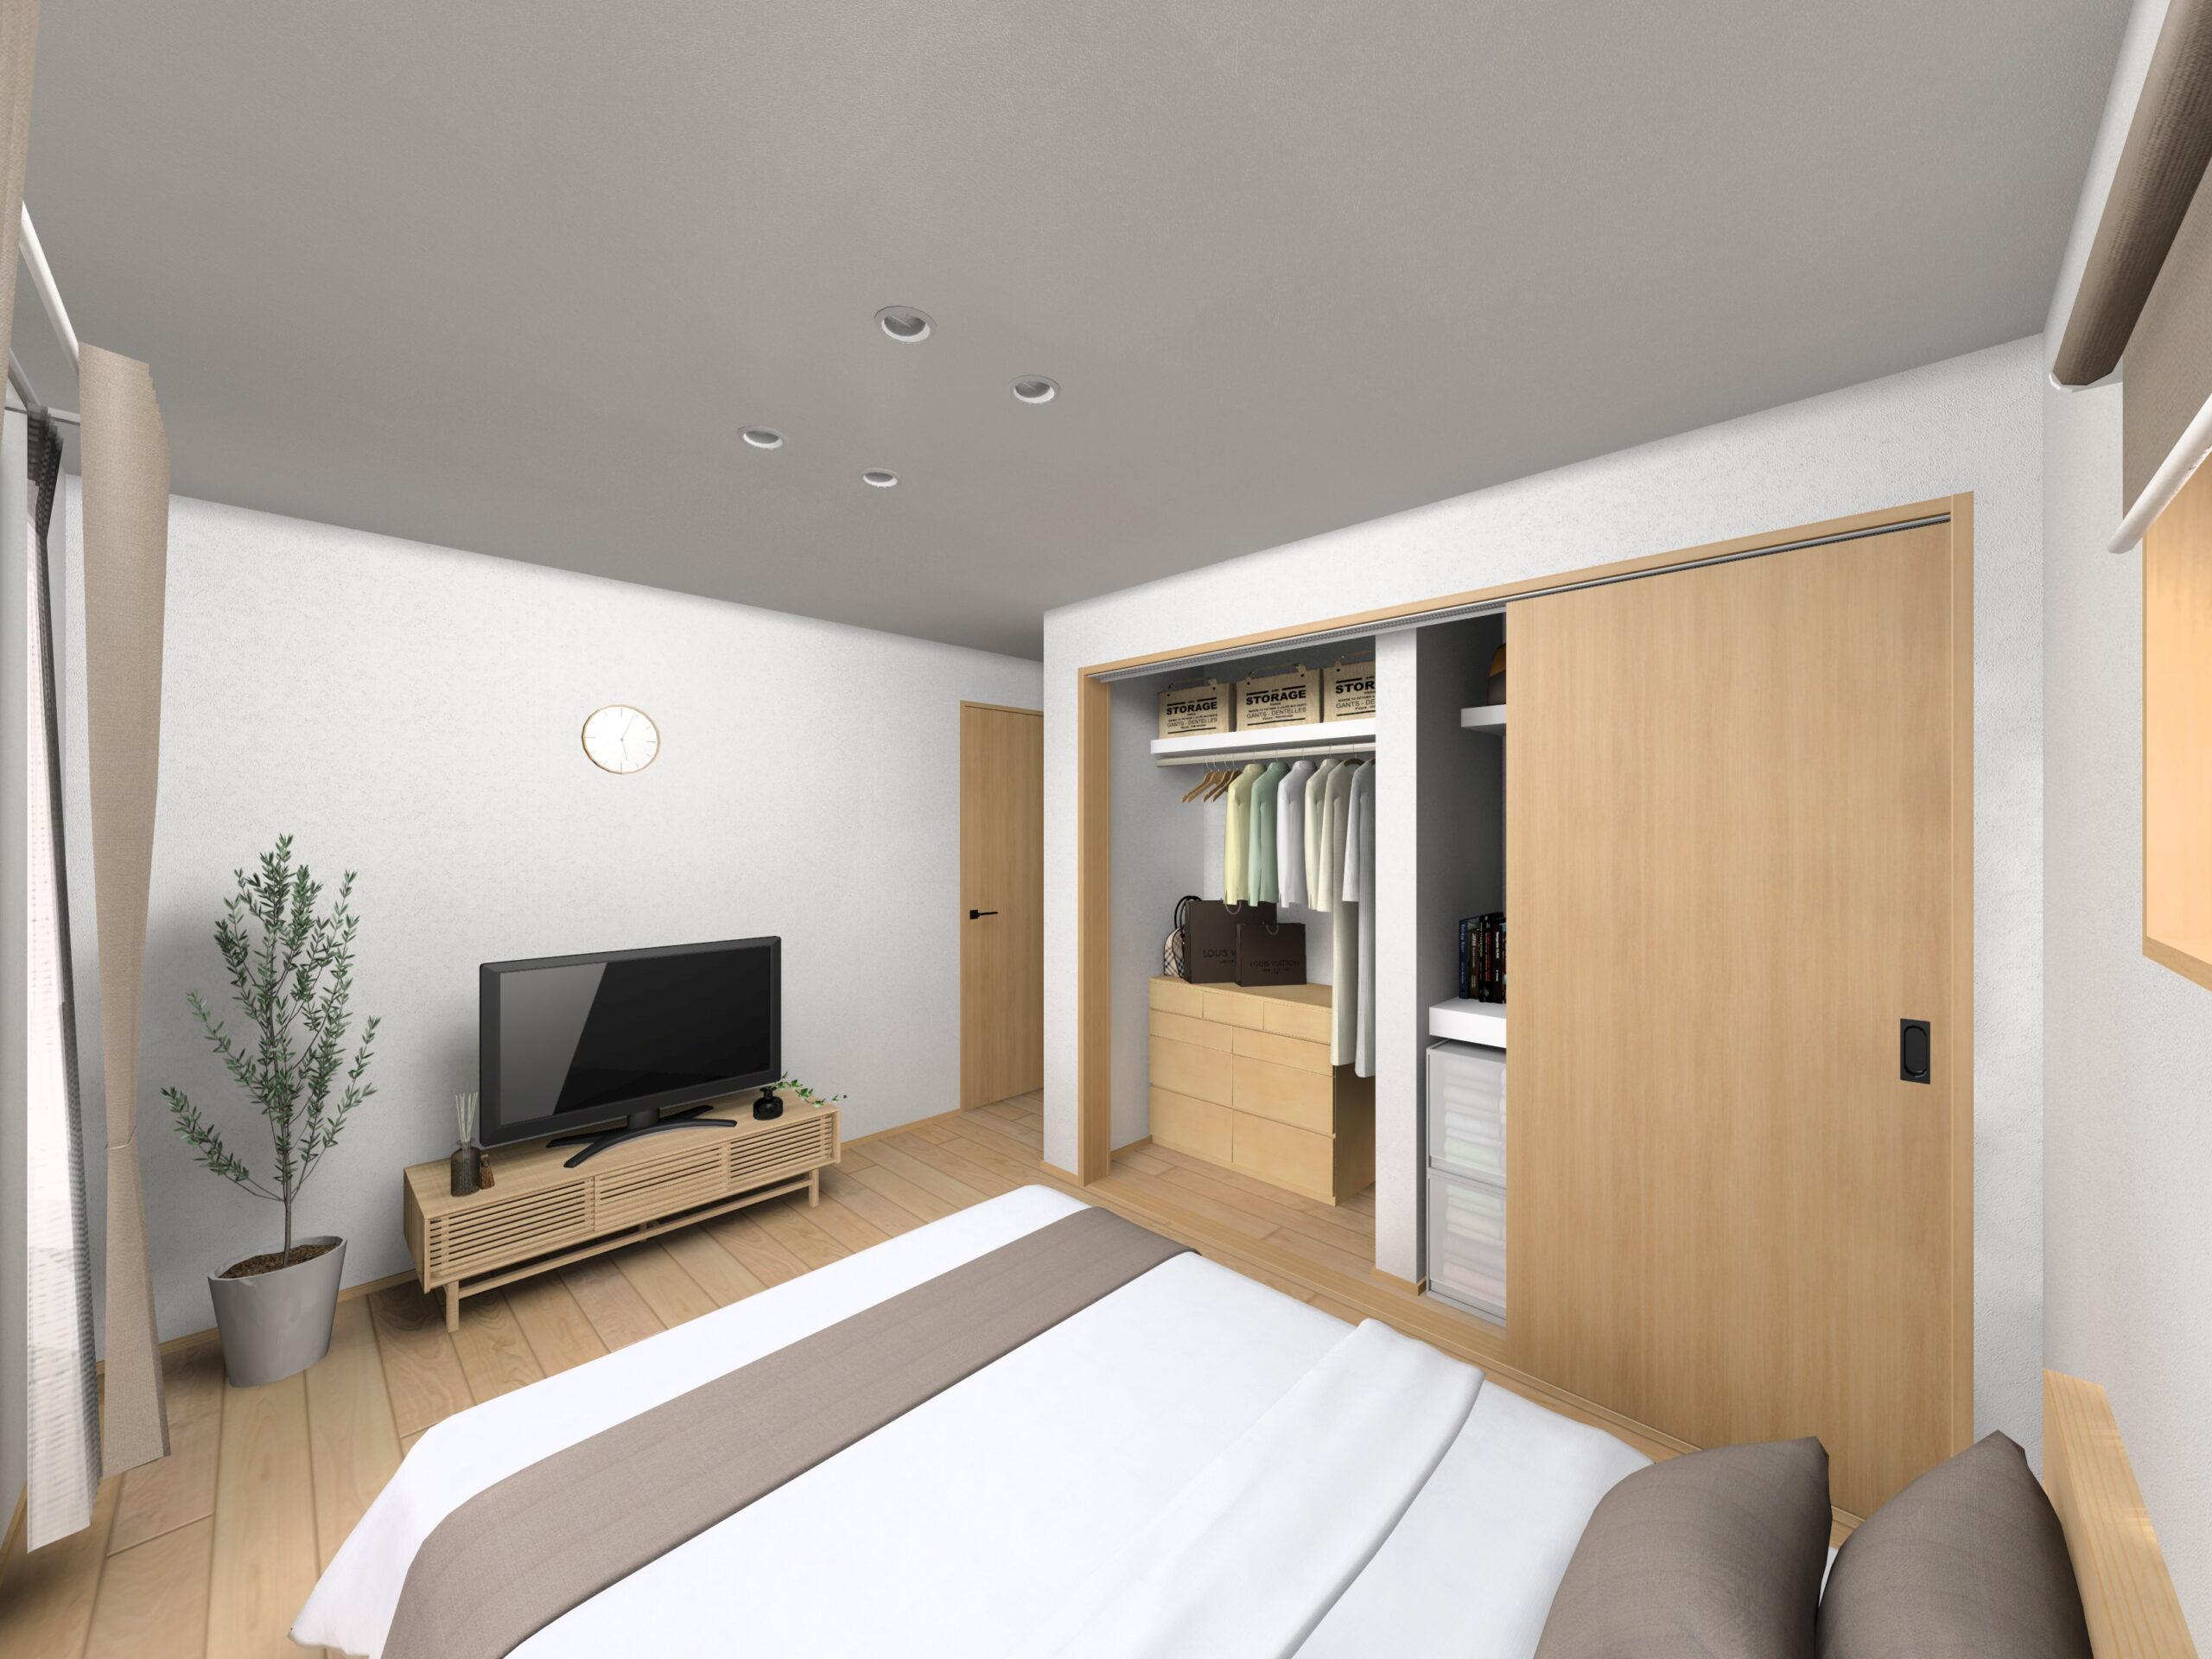 嬉野市新築建売住宅「OURS下野1号地」主寝室パース